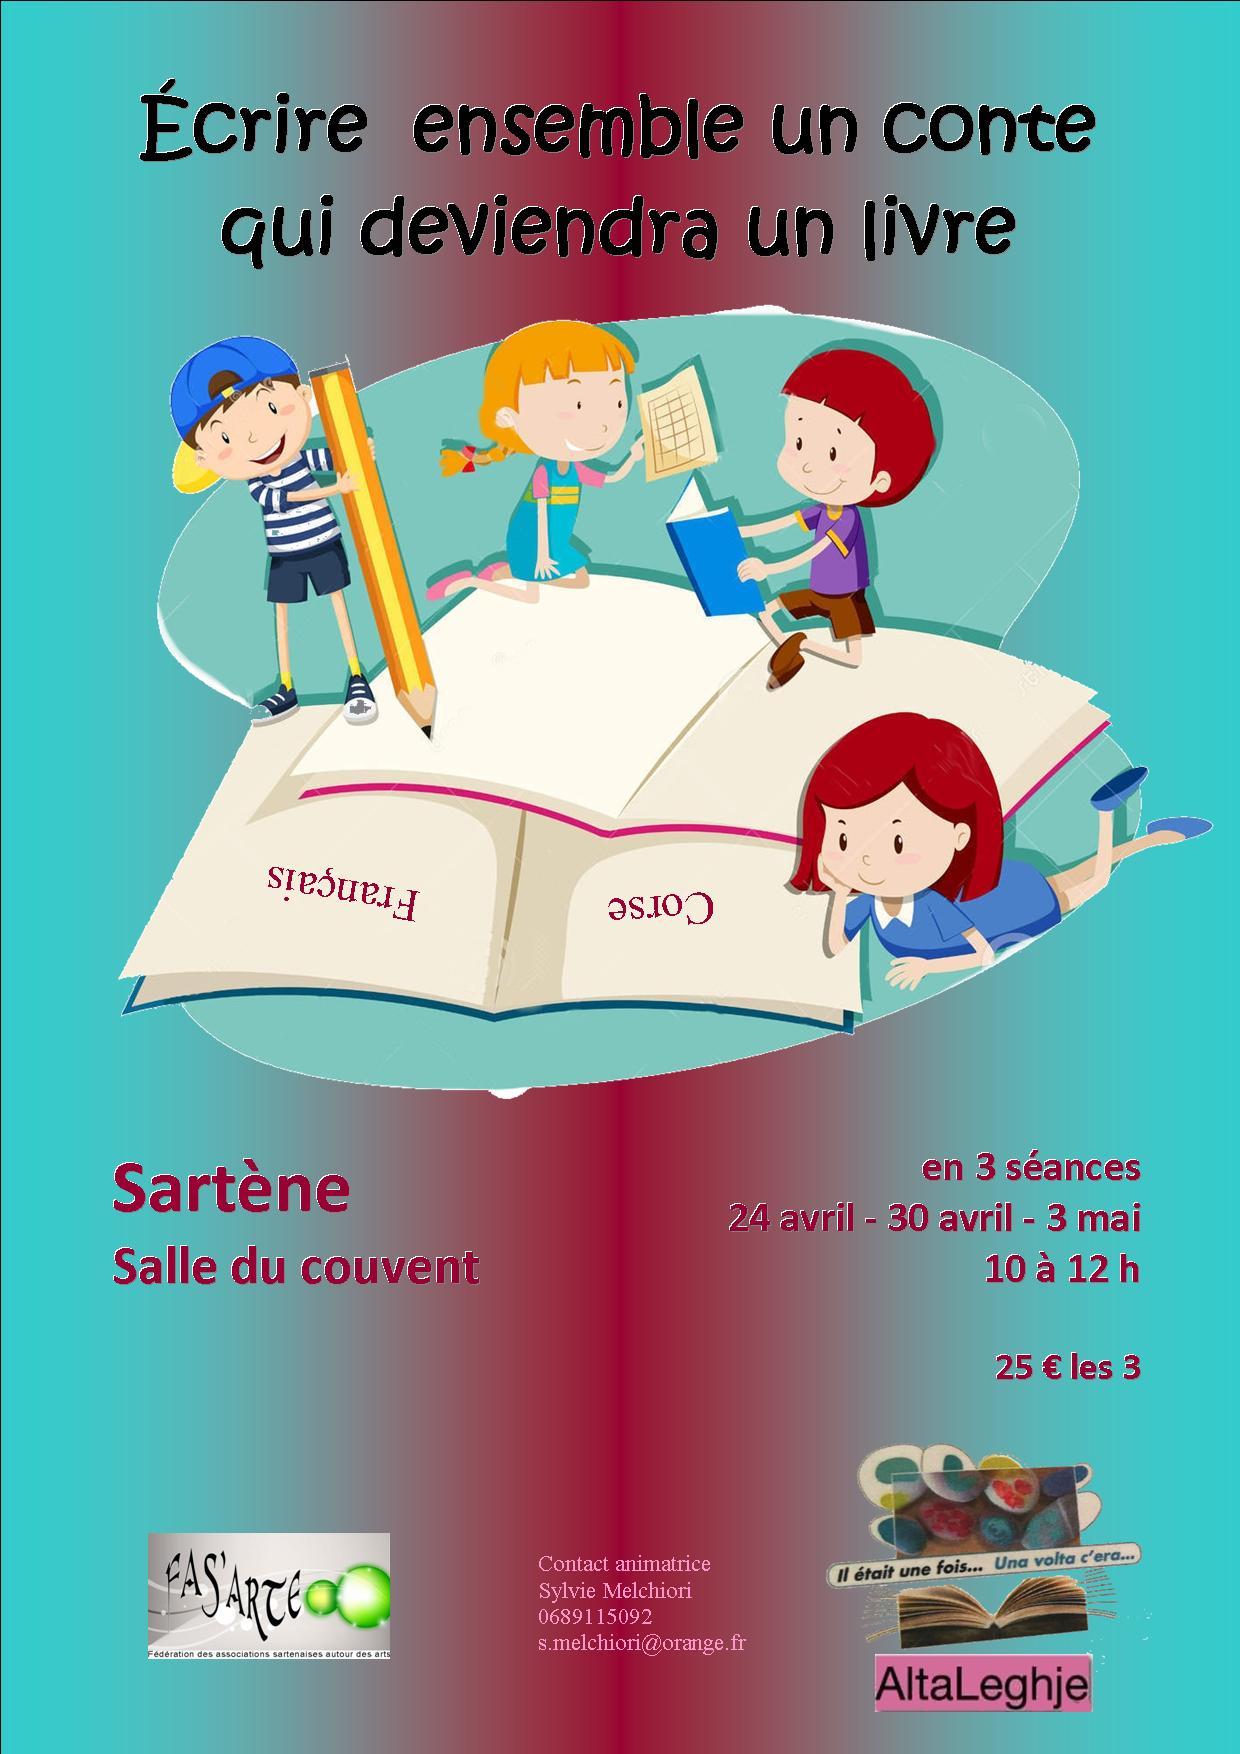 Sartene : Écrire ensemble un conte qui deviendra un livre